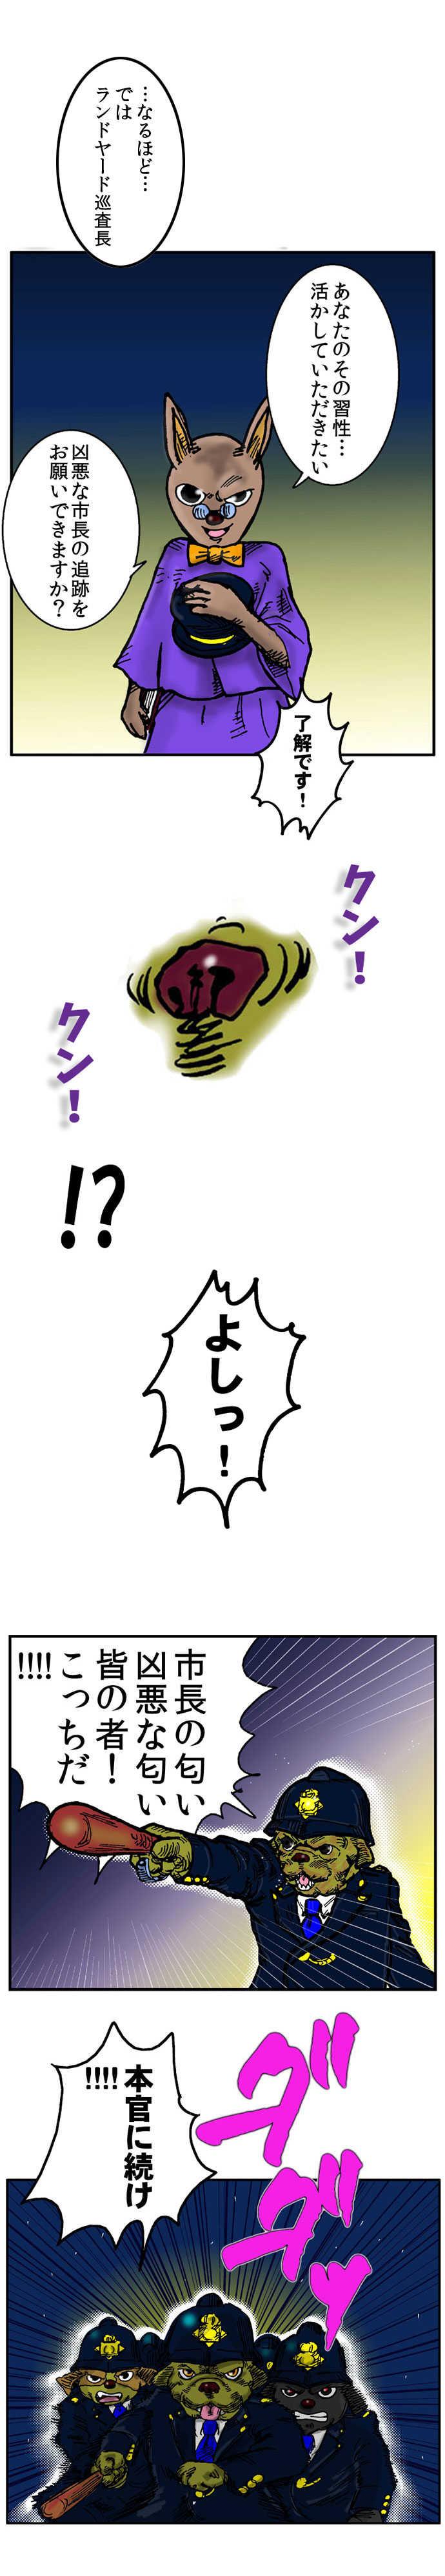 第十四話 ランドヤードの降格(後篇)